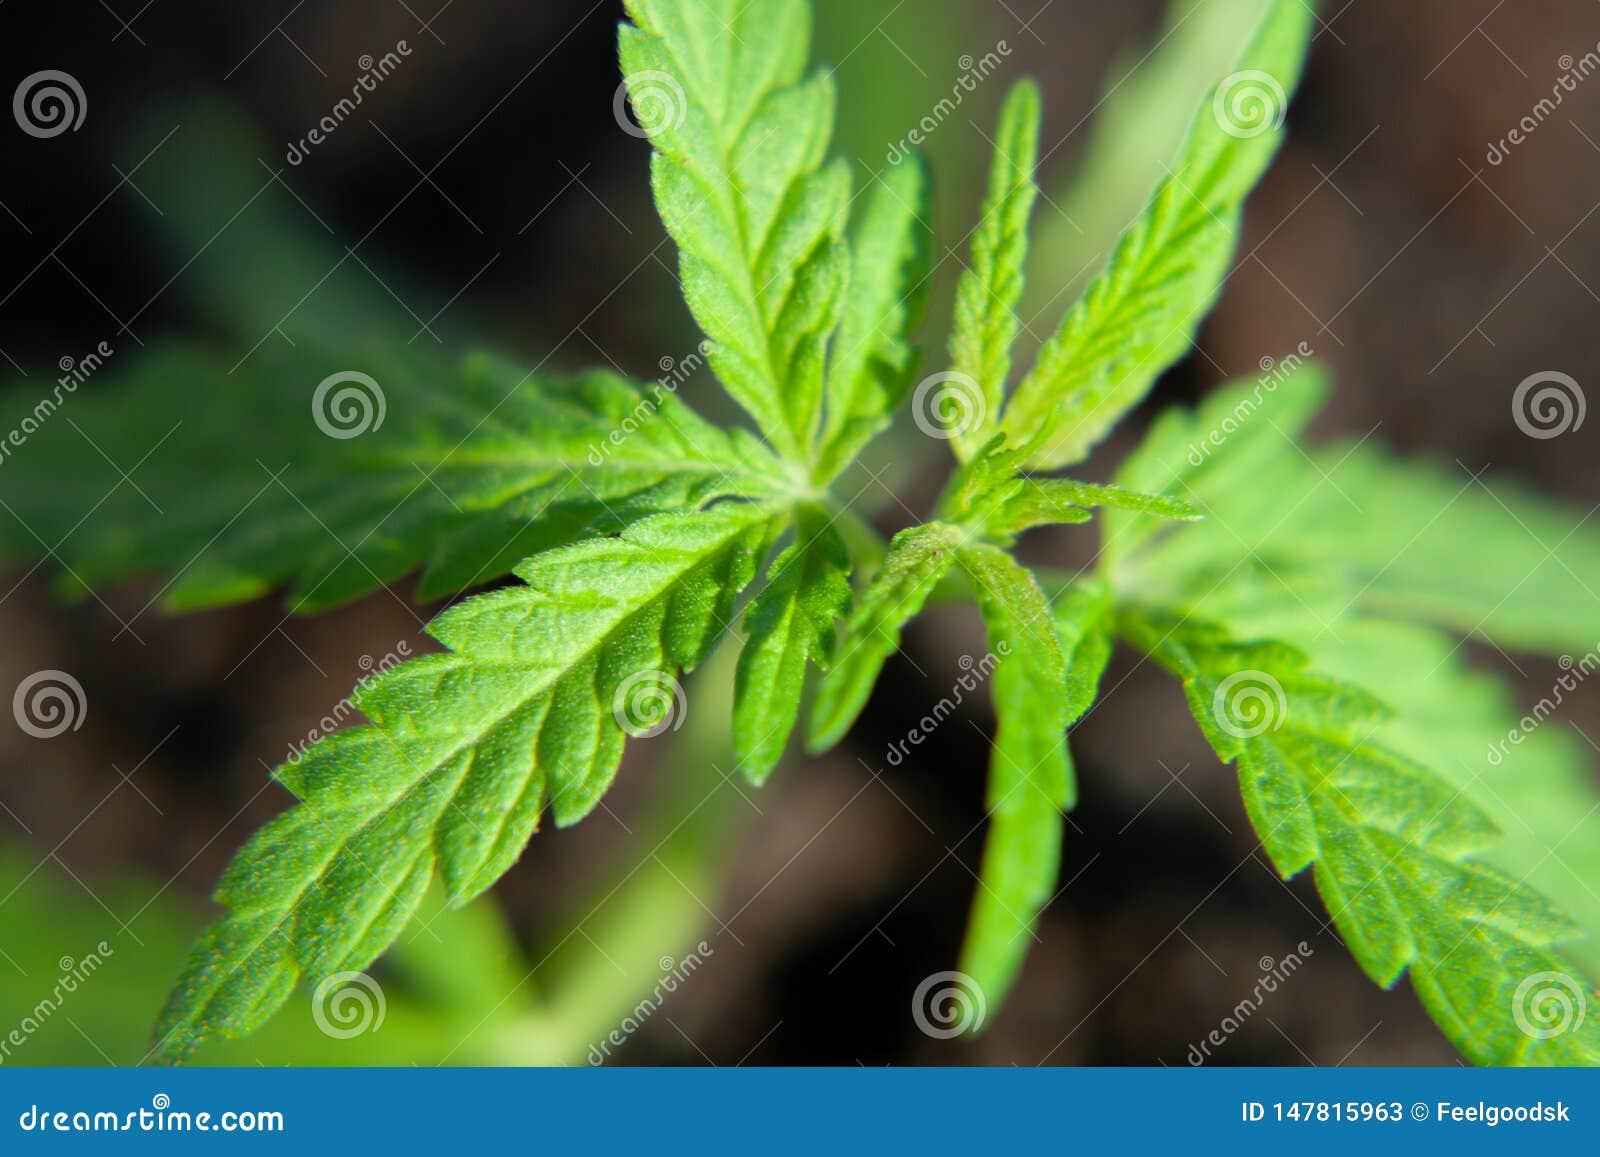 Foto tem?tico para legalizar um c?nhamo da planta Baixo cultivar t?cnico de THC sem o valor da droga Pl?ntula do cannabis, cultiv